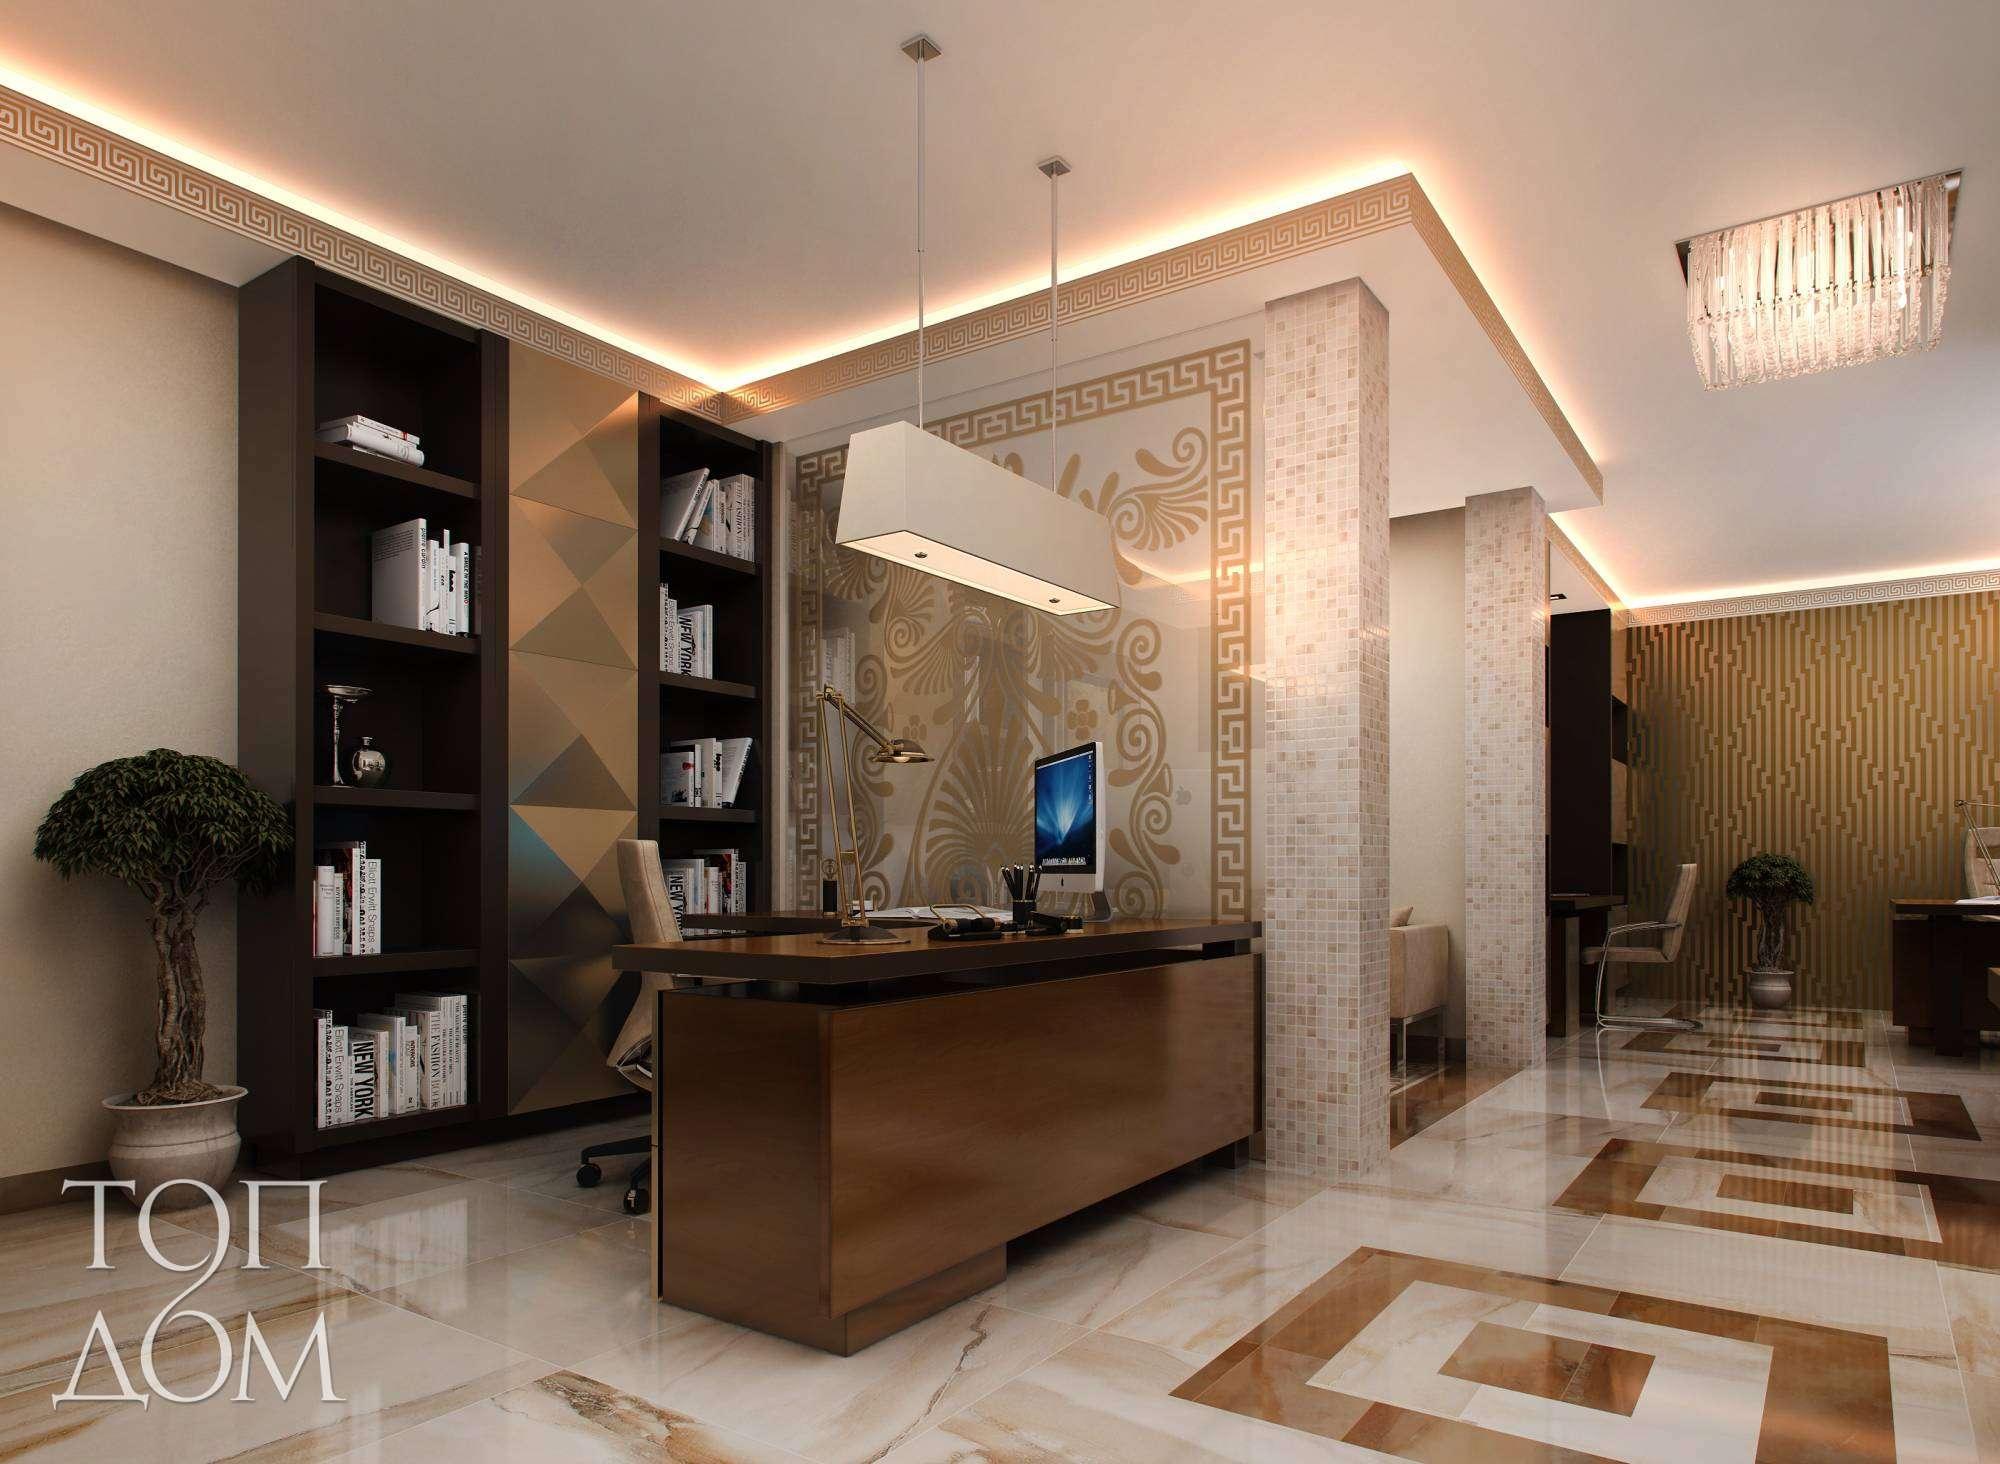 Дизайн интерьера ресепшн в офисном